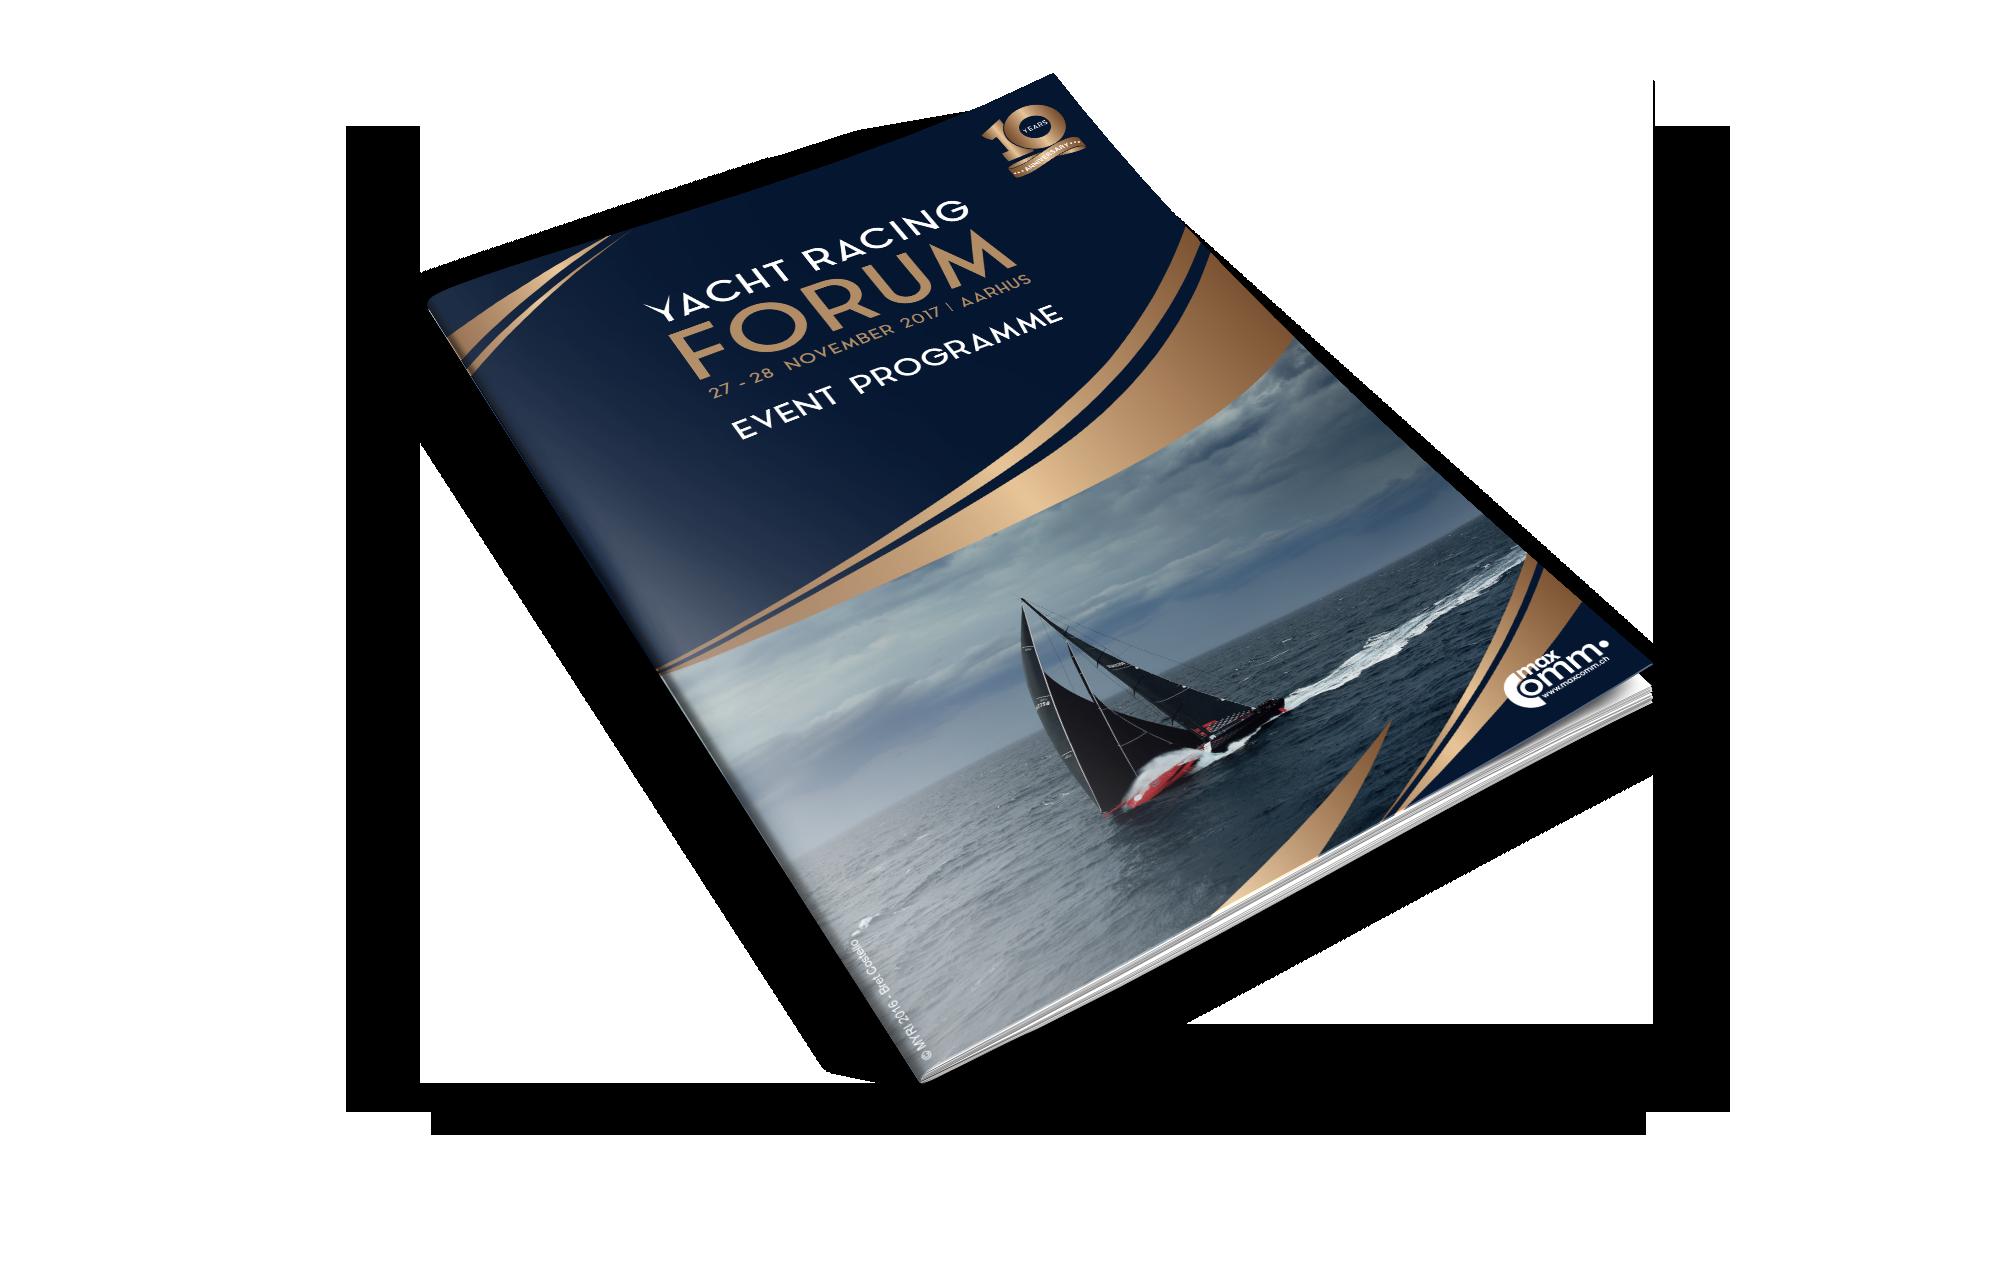 Yacht Racing Forum website